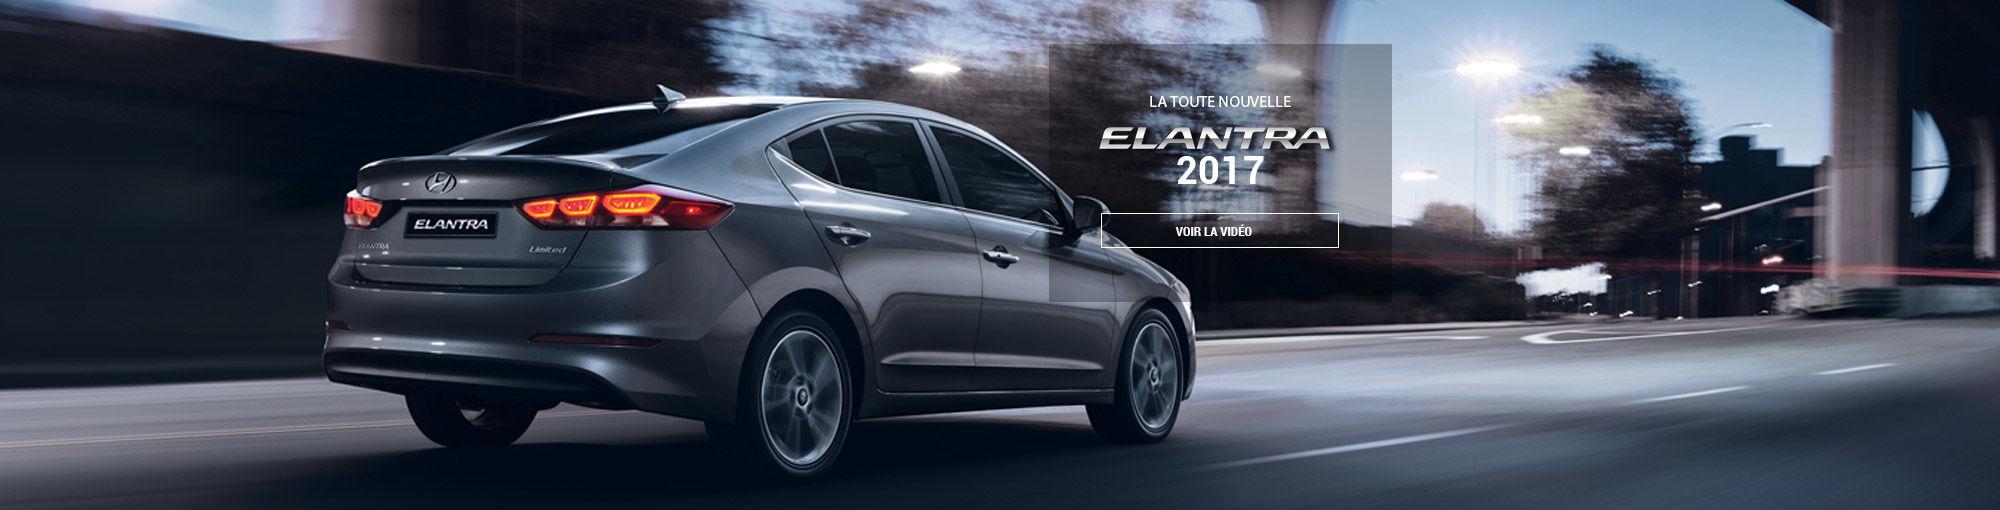 Hyundai elantra header 2017